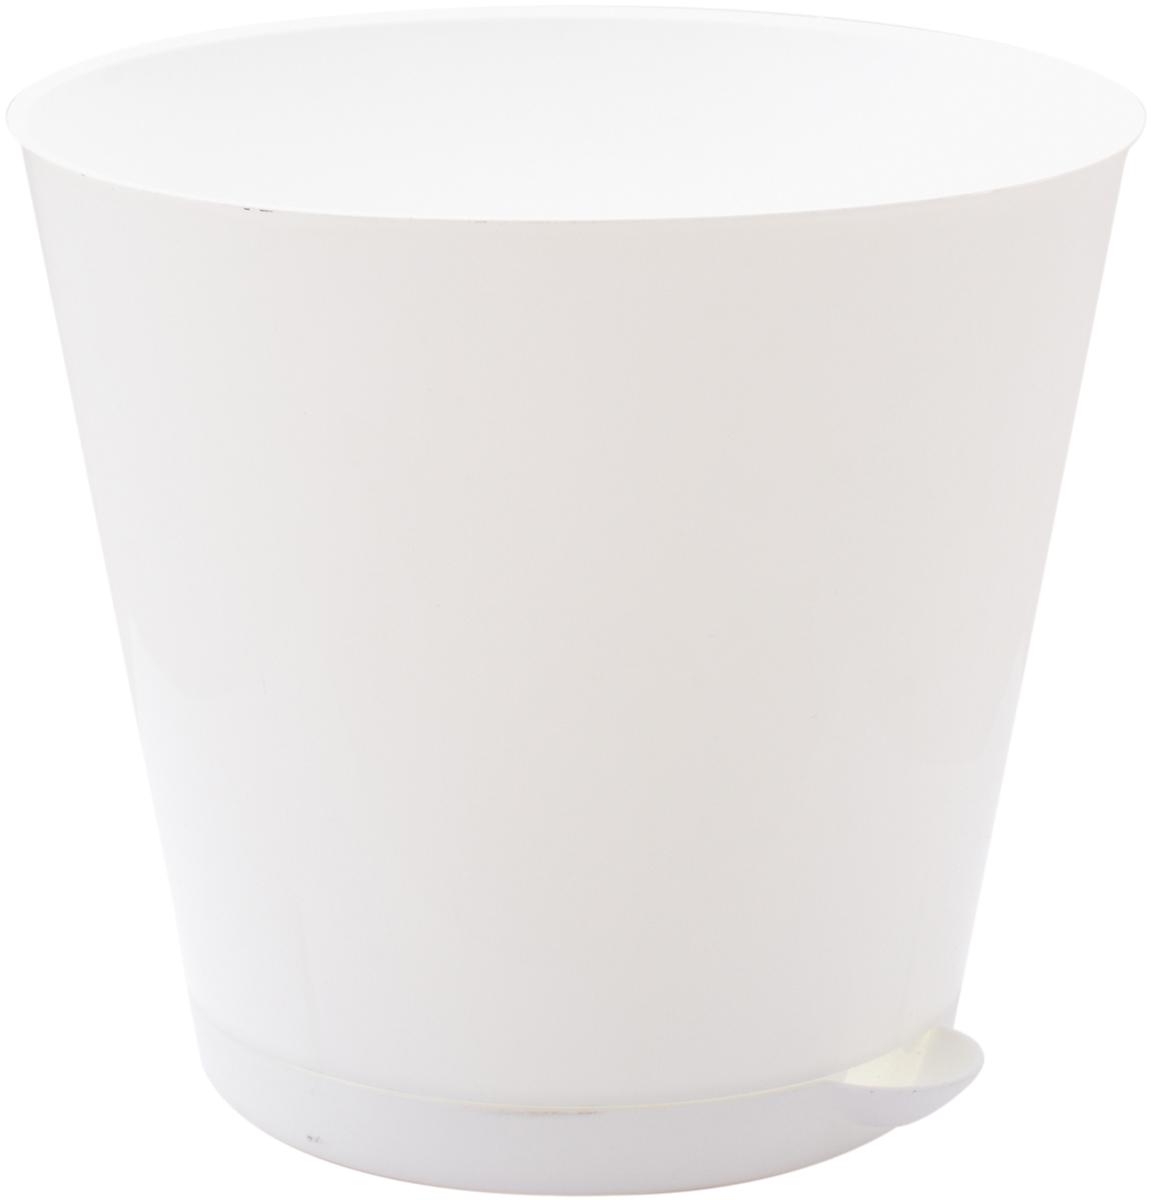 Горшок для цветов InGreen Крит, с системой прикорневого полива, цвет: белый, диаметр 25,4 смING46025БЛГоршок InGreen Крит, выполненный из высококачественного пластика, предназначен для выращивания комнатных цветов, растений и трав. Специальная конструкция обеспечивает вентиляцию в корневой системе растения, а дренажные отверстия позволяют выходить лишней влаге из почвы. Крепежные отверстия и штыри прочно крепят подставку к горшку. Прикорневой полив растения осуществляется через удобный носик. Система прикорневого полива позволяет оставлять комнатное растение без внимания тем, кто часто находится в командировках или собирается в отпуск и не имеет возможности вовремя поливать цветы.Такой горшок порадует вас современным дизайном и функциональностью, а также оригинально украсит интерьер любого помещения. Объем: 7 л.Диаметр горшка (по верхнему краю): 25,4 см.Высота горшка: 22,6 см.